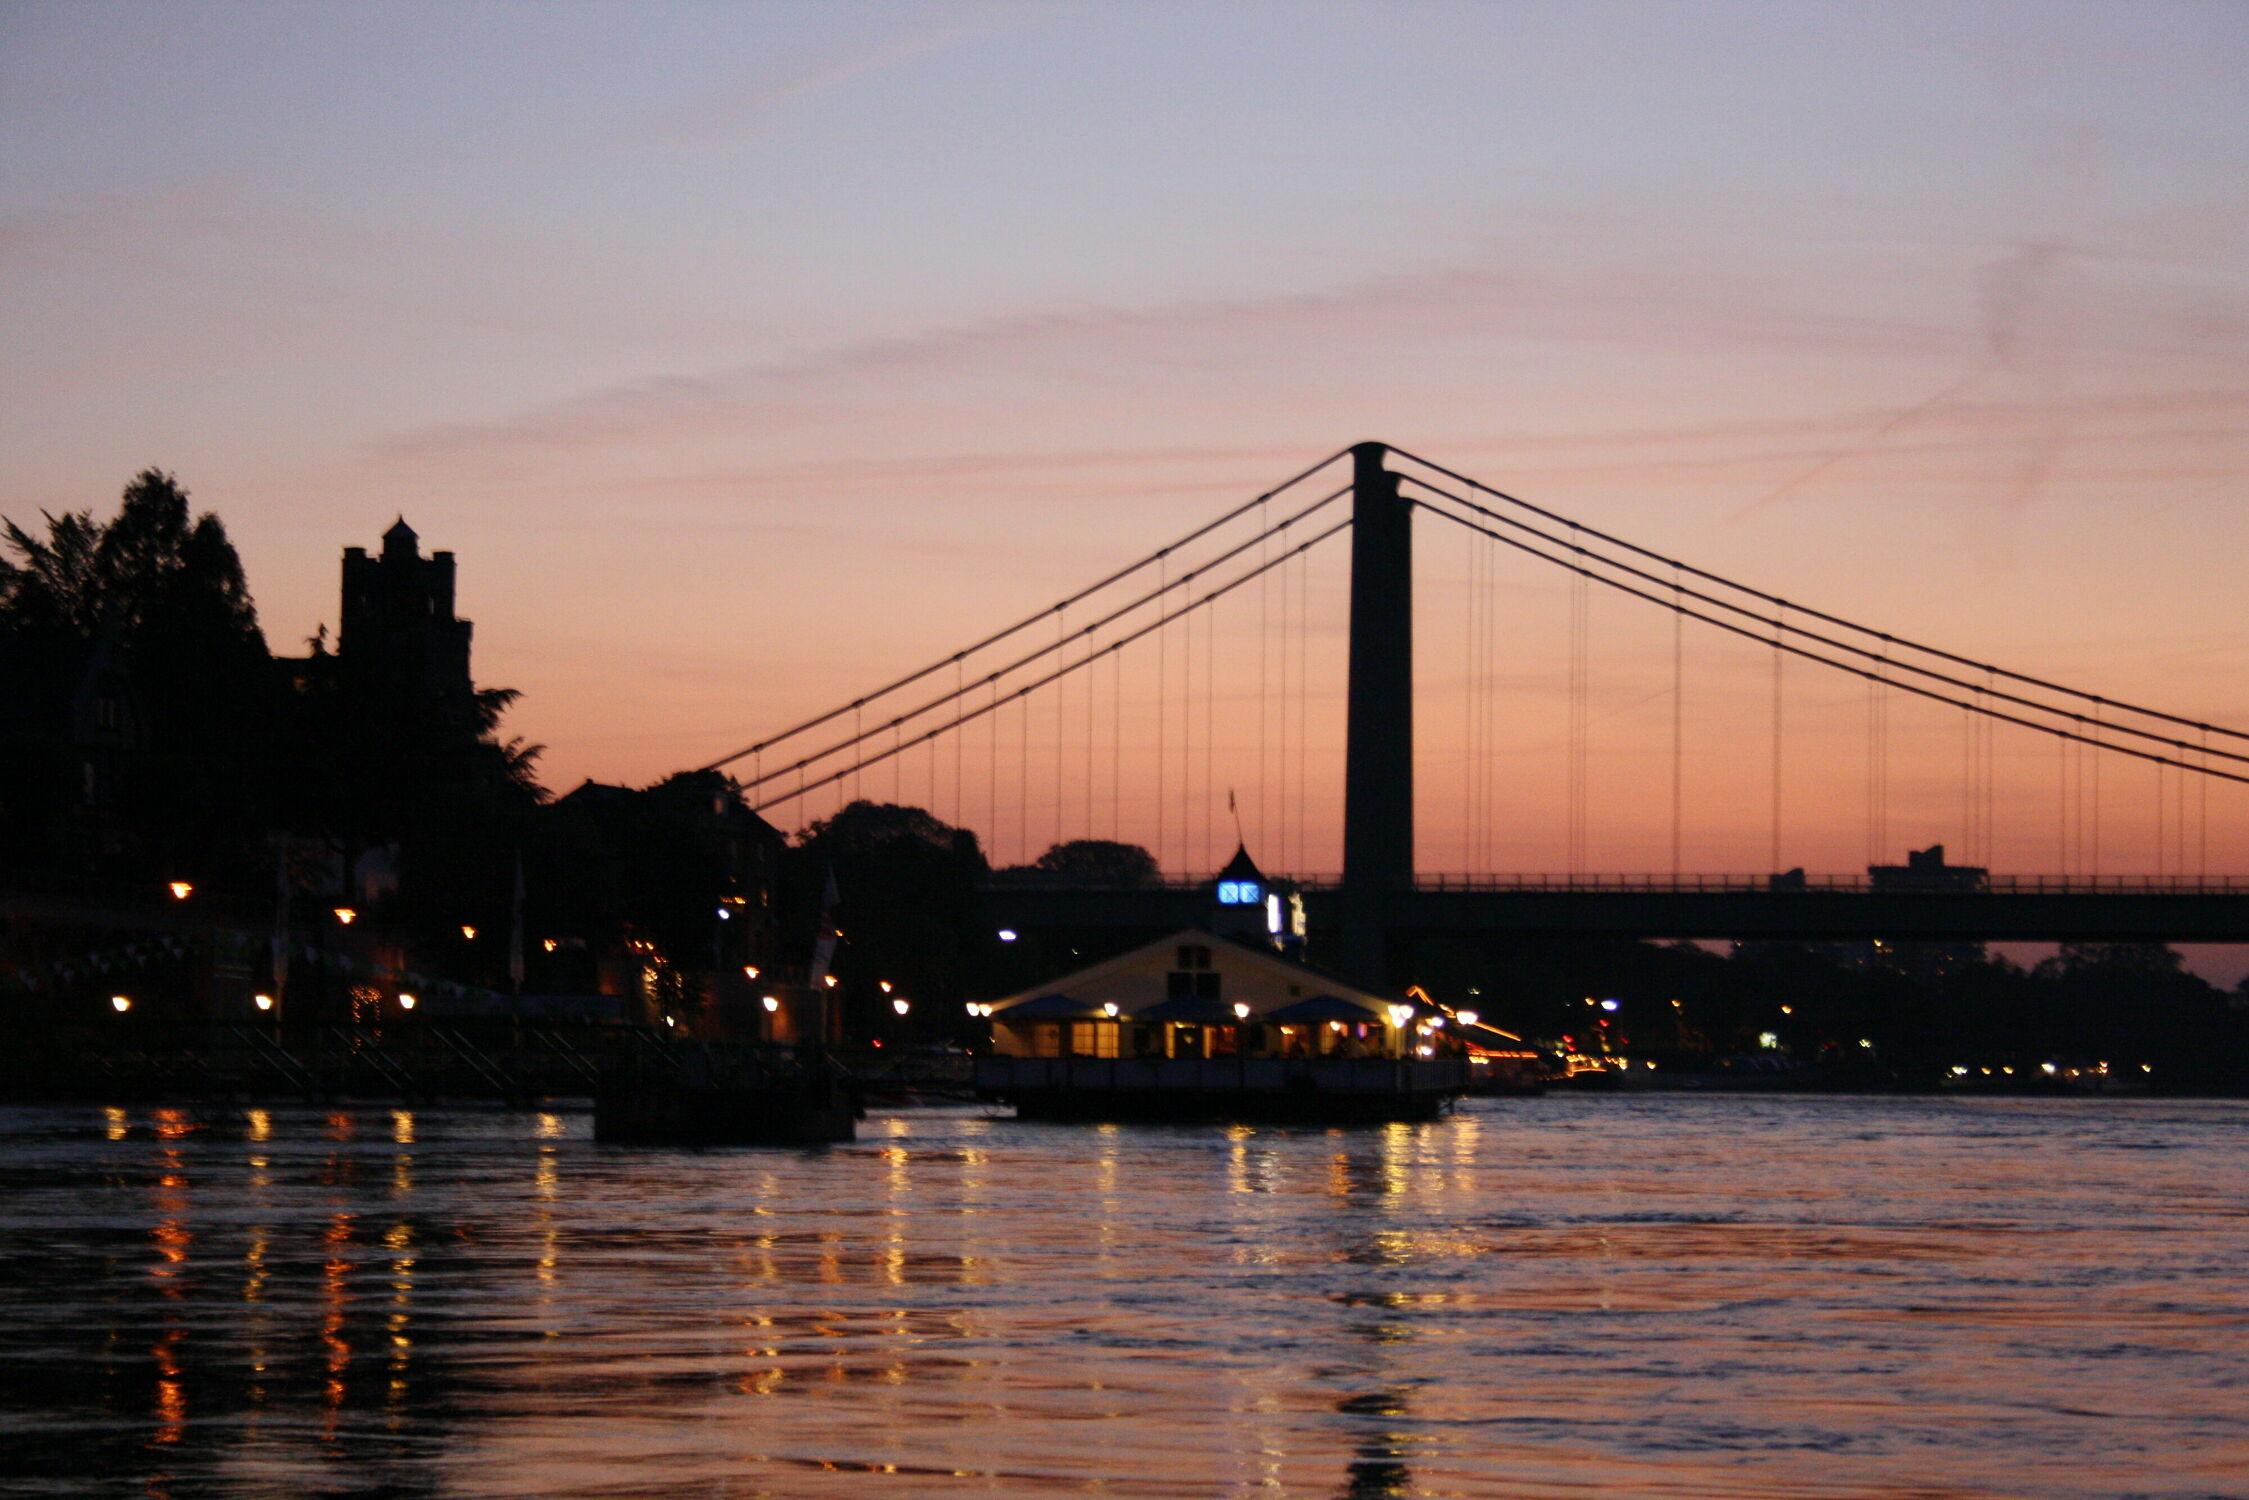 Bild mit Gewässer, Flüsse, Sonnenuntergang, Städte, Städte, Brücken und Bögen, Brücken, Abendlicht, Fluss, Abendstimmung